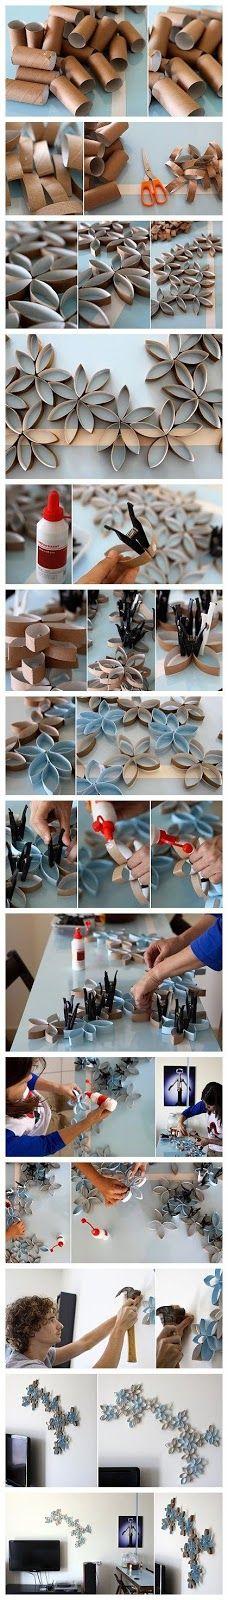 Como reciclar ou reaproveitar rolos de papel higienico com  ideias criativas